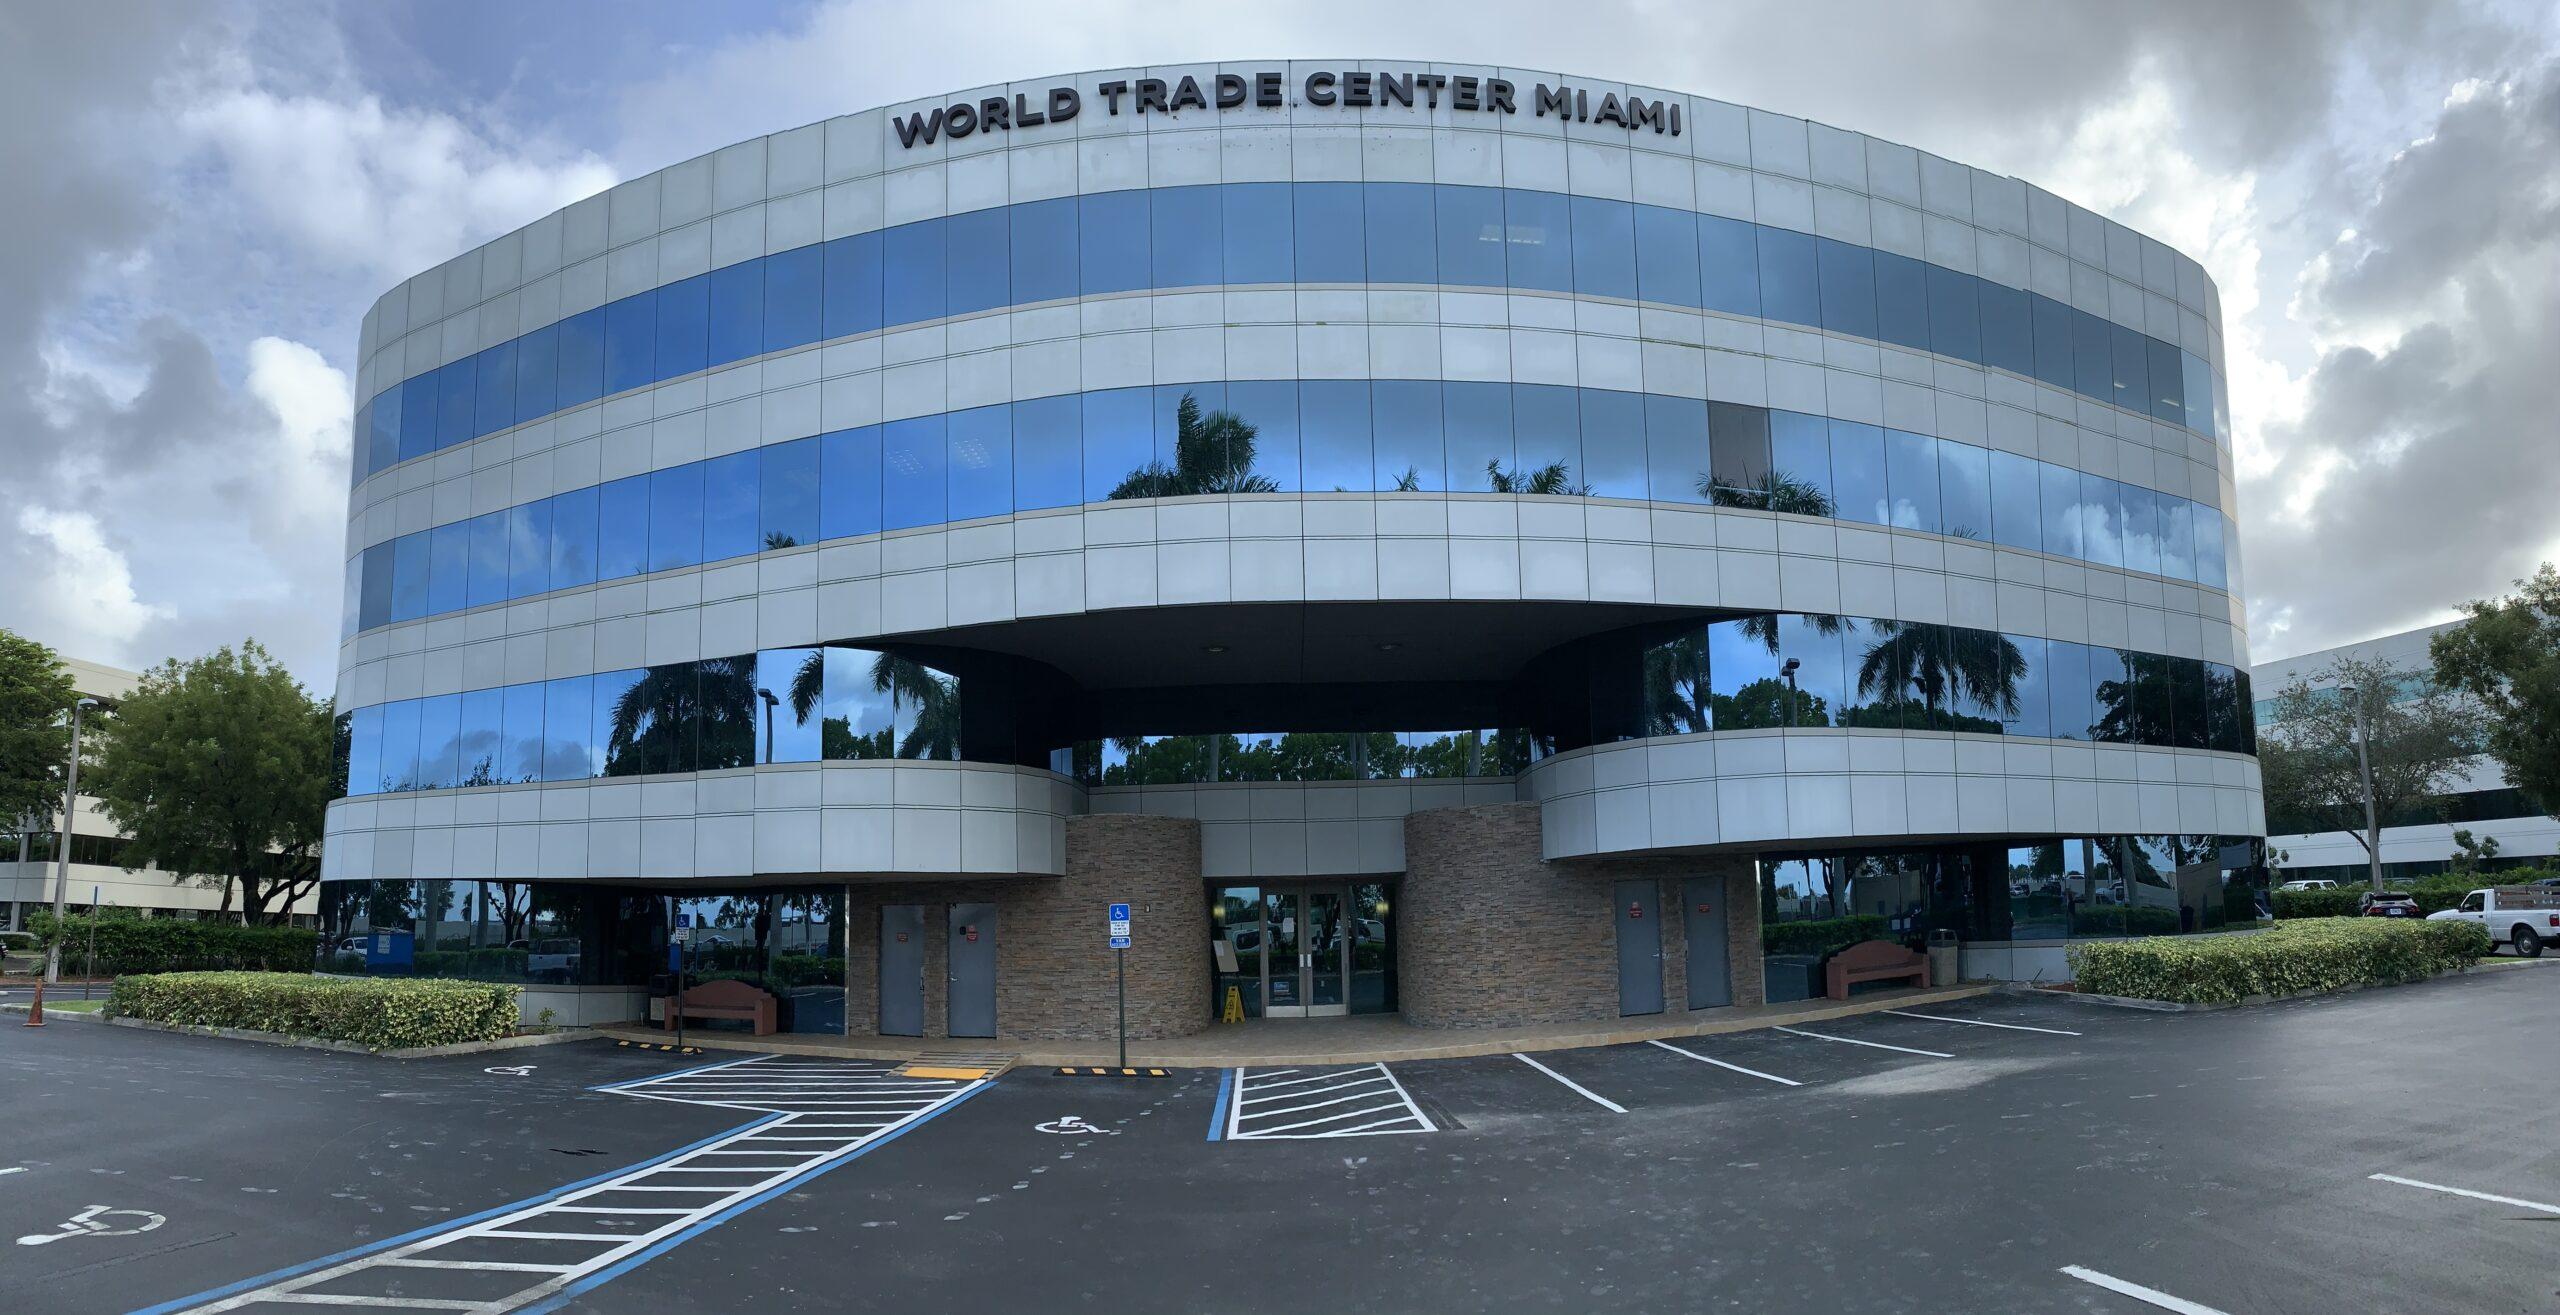 world trade center miami